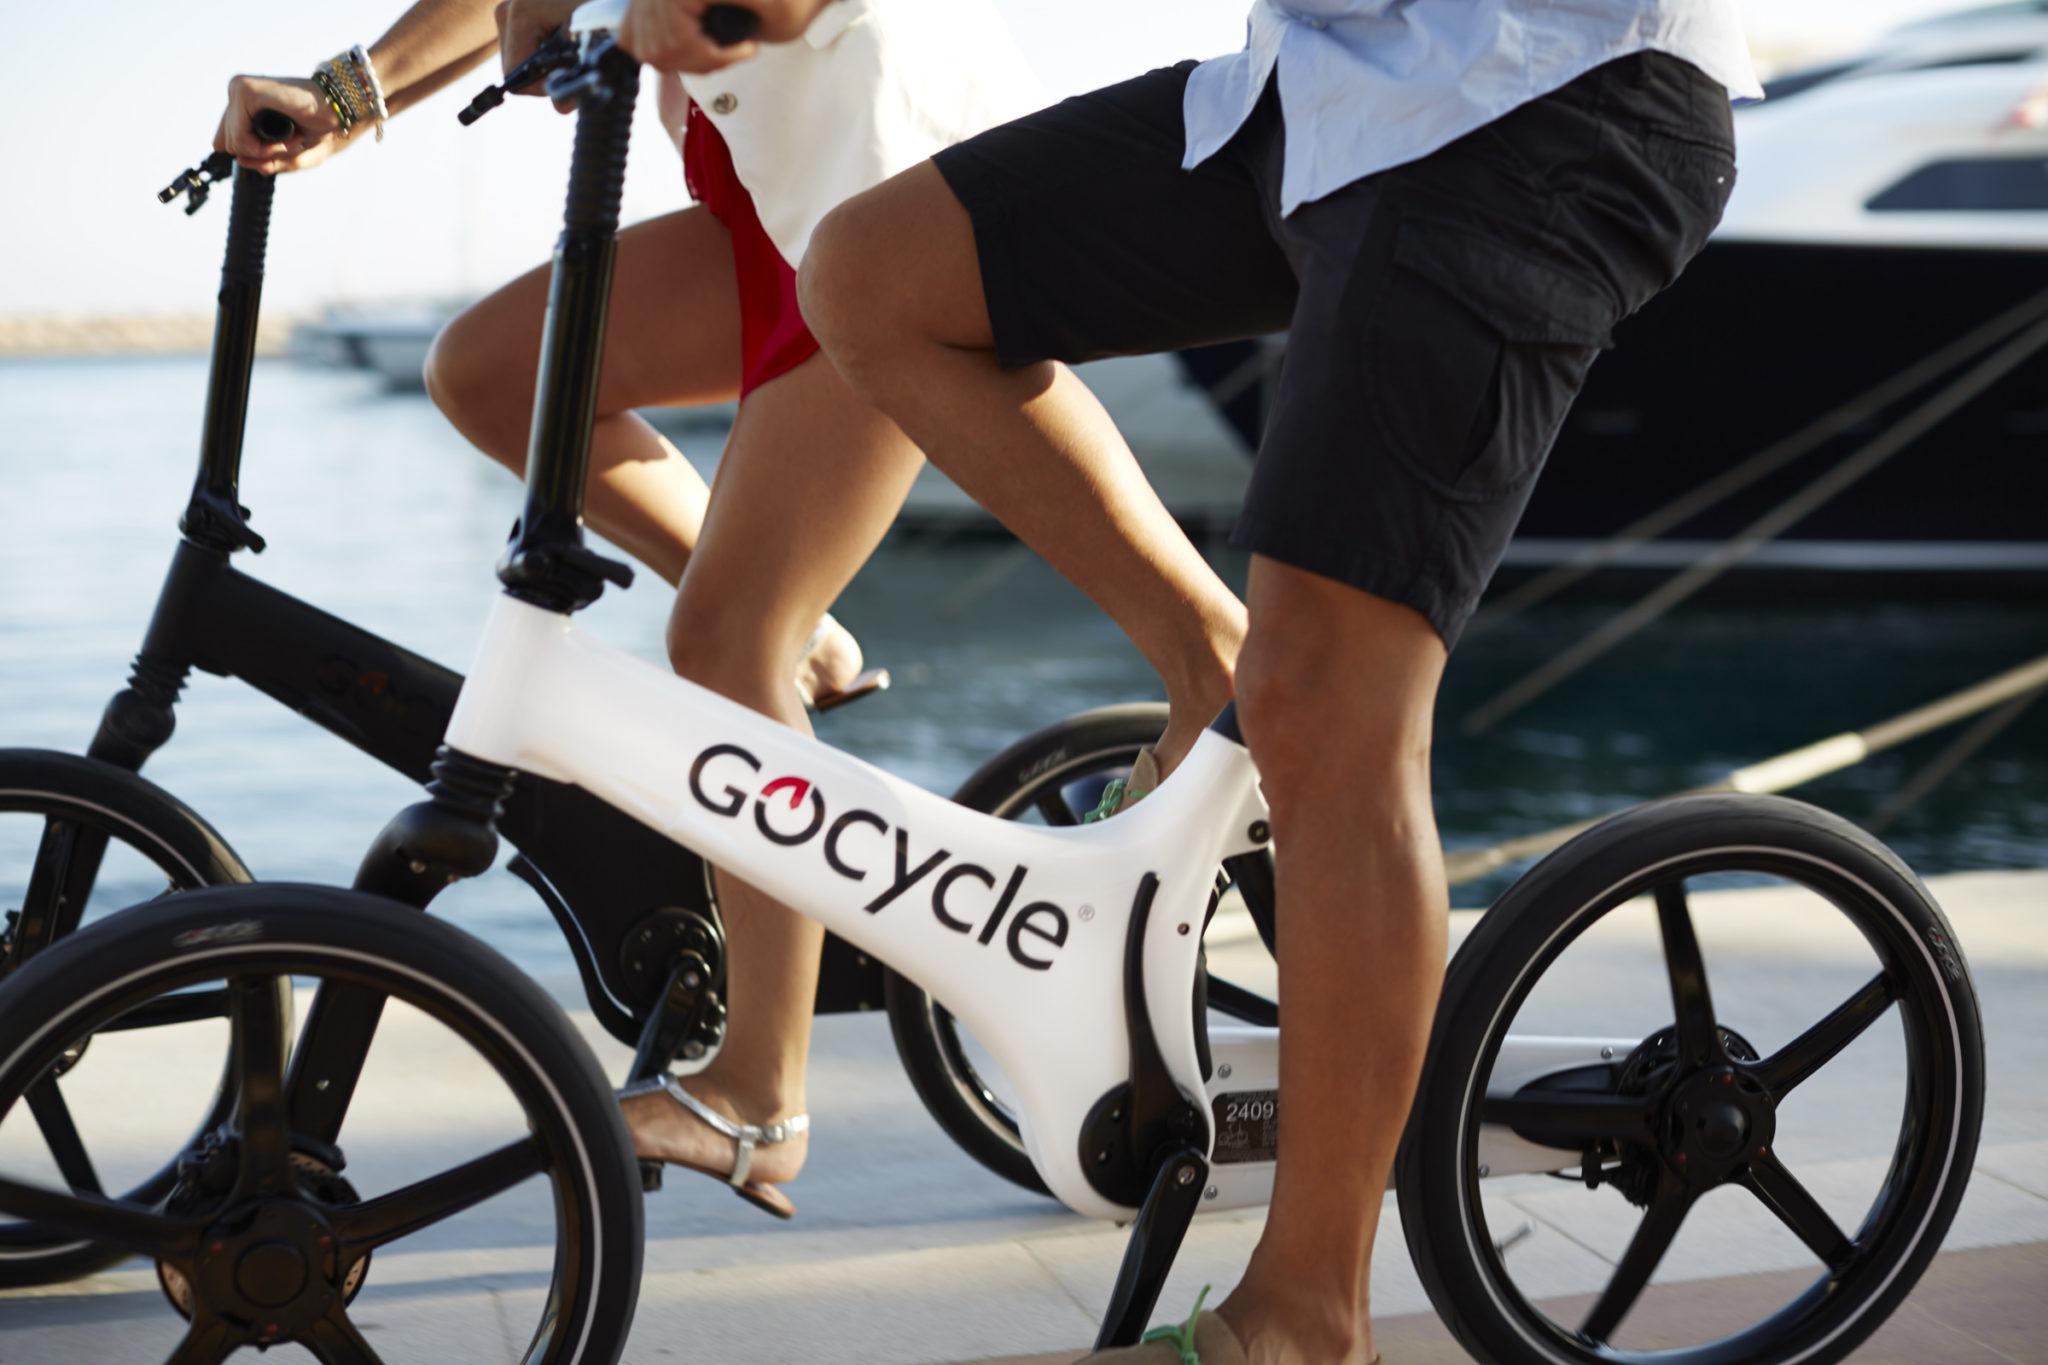 Gocycle G3 v dvoje